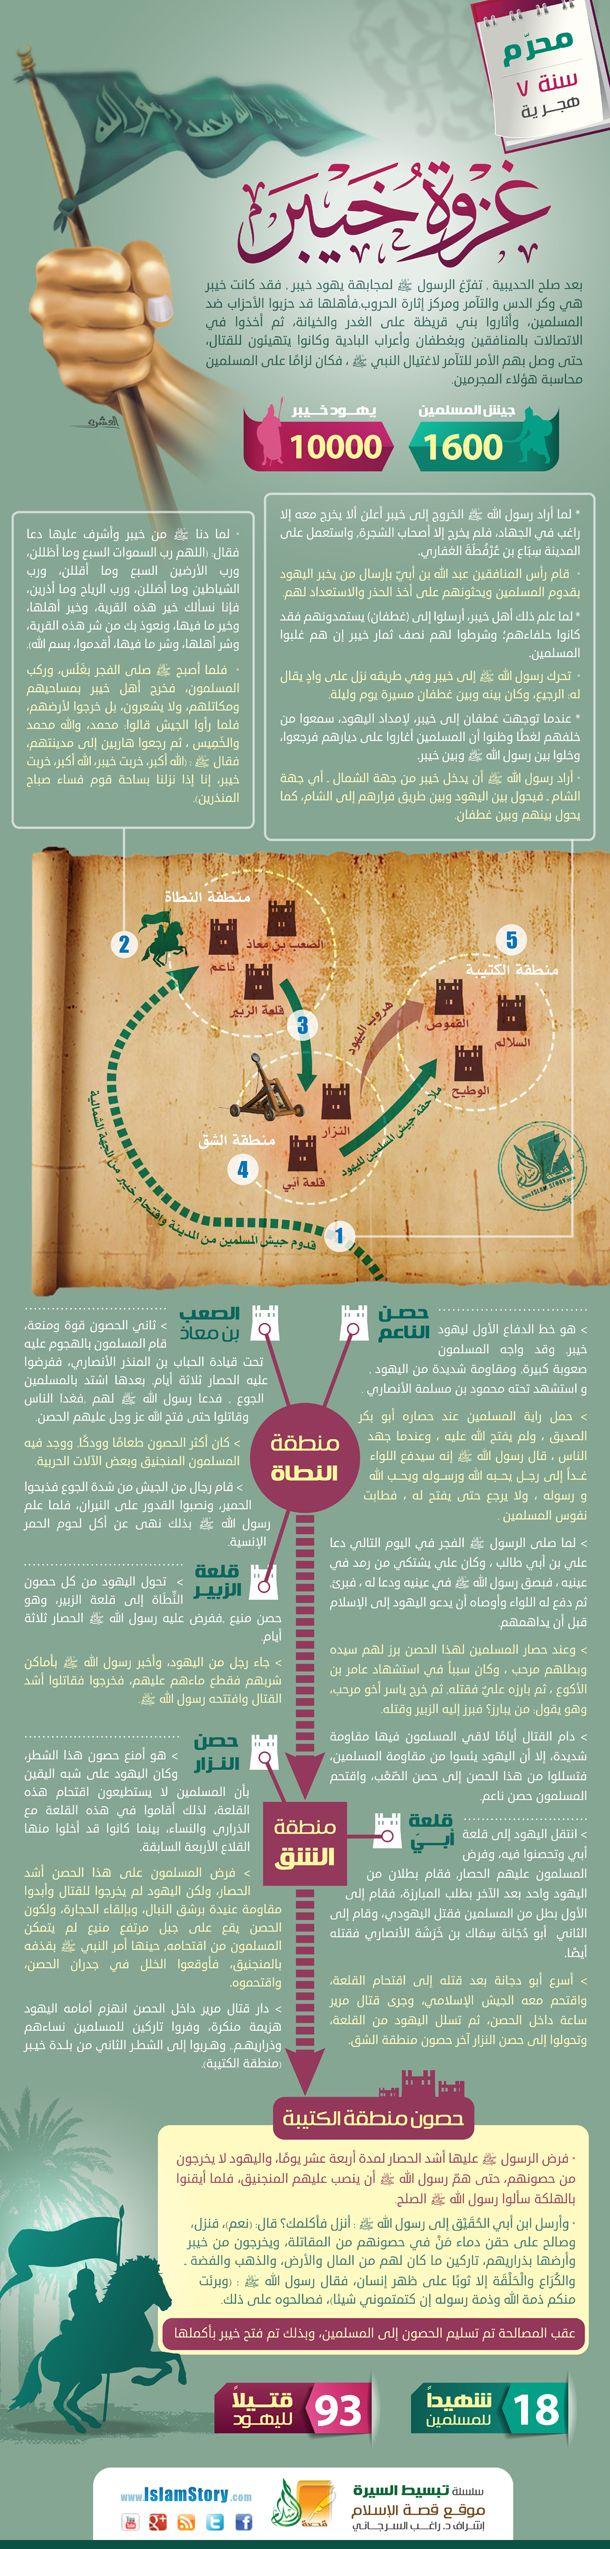 إنفوجرافيك غزوة خيبر من إنتاج موقع قصة الإسلام صورة انفوجرافيك التاريخ الإسلامي تاريخ الاسلام Islamic Histo Islam Facts Learn Islam Islam Beliefs